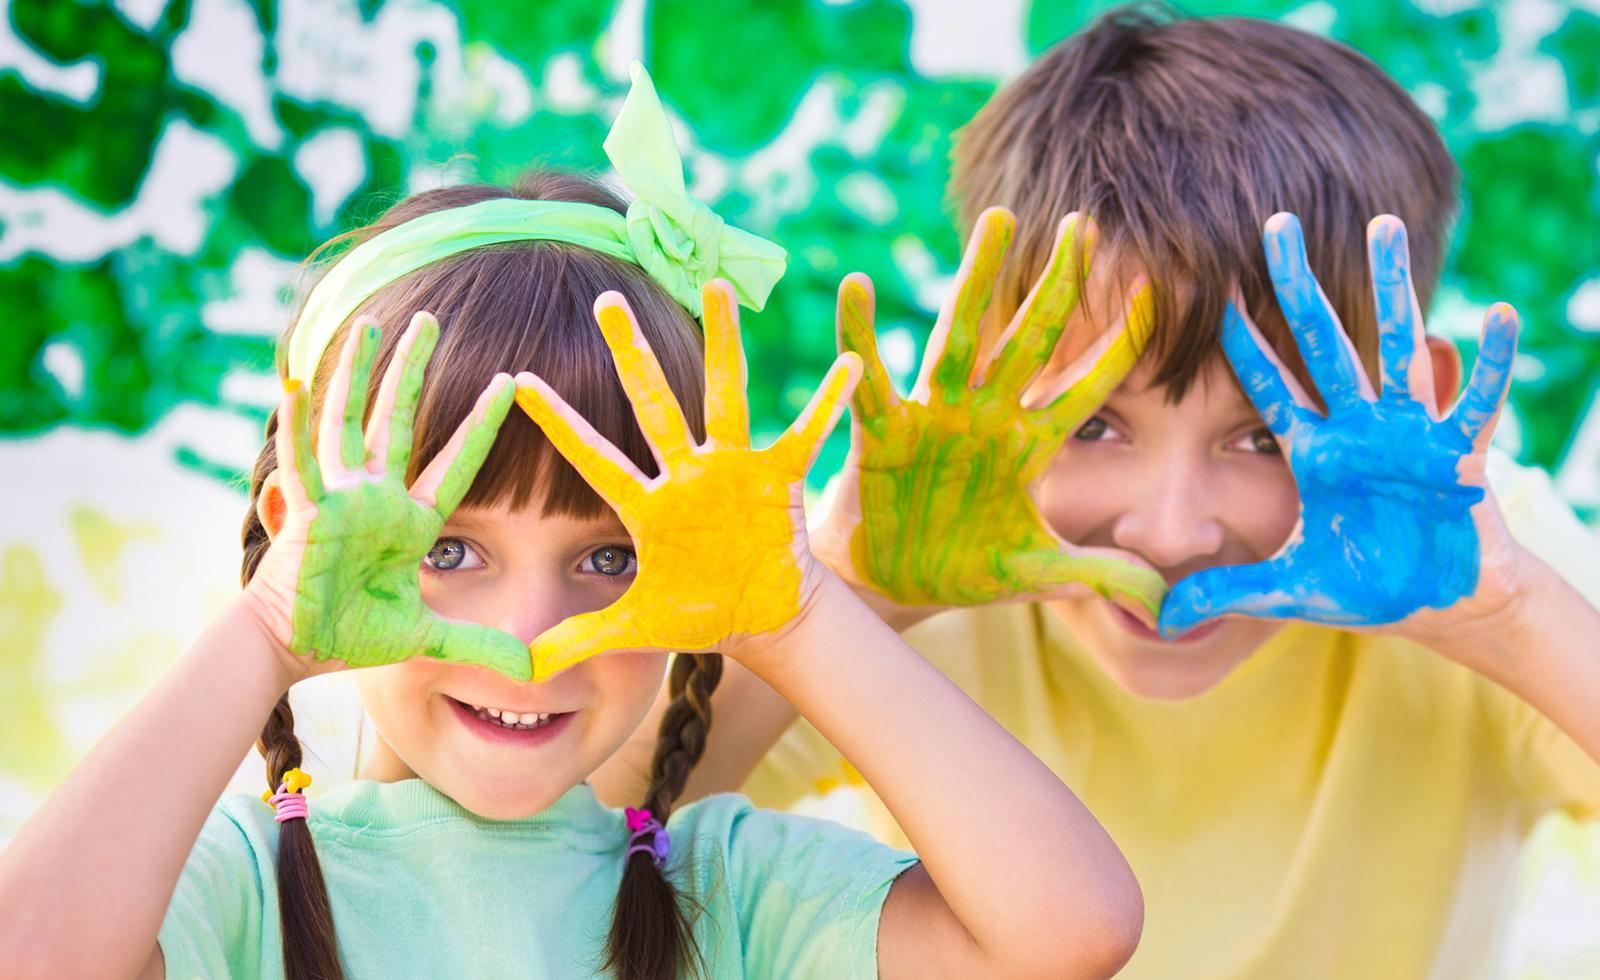 Drei Kinder spielen auf einer grünen Wiese